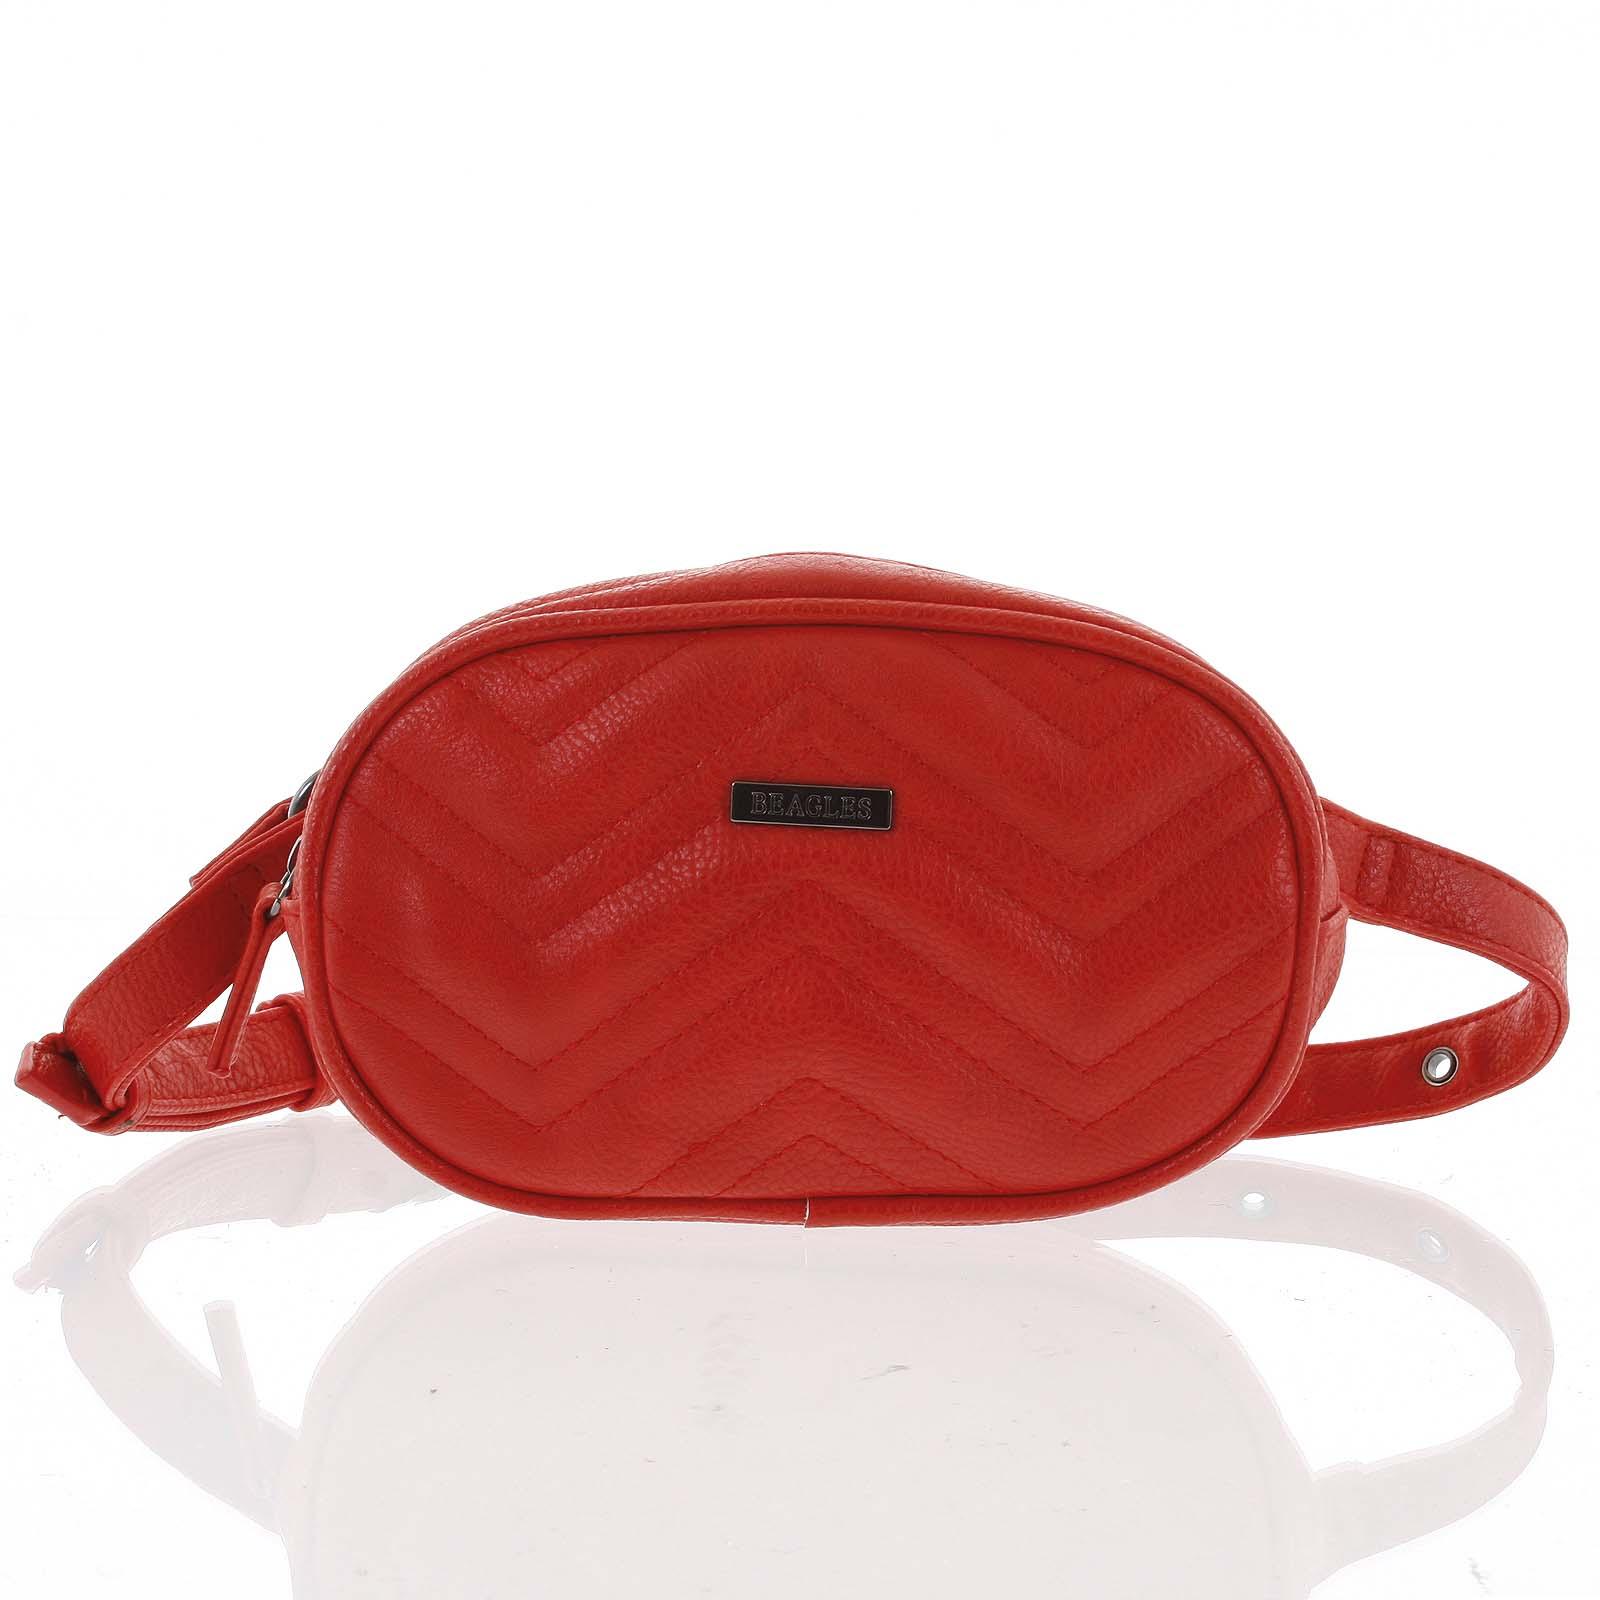 Malá dámská crossbody kabelka/ledvinka červená - Beagles Tima